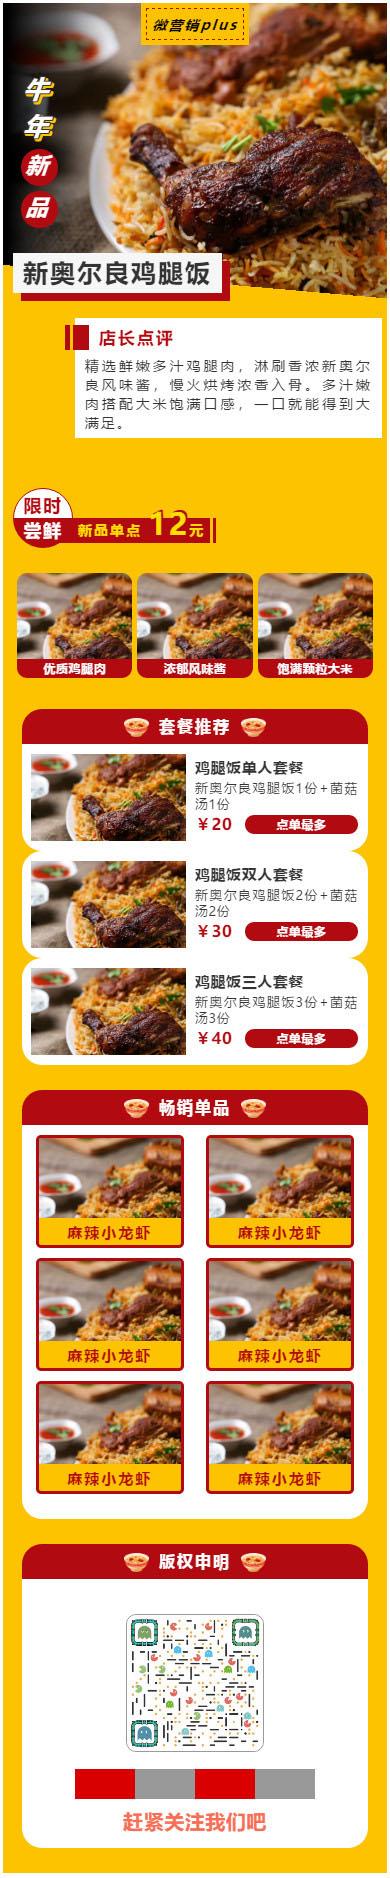 外卖美食微信公众号推文模板模板推送文章素材